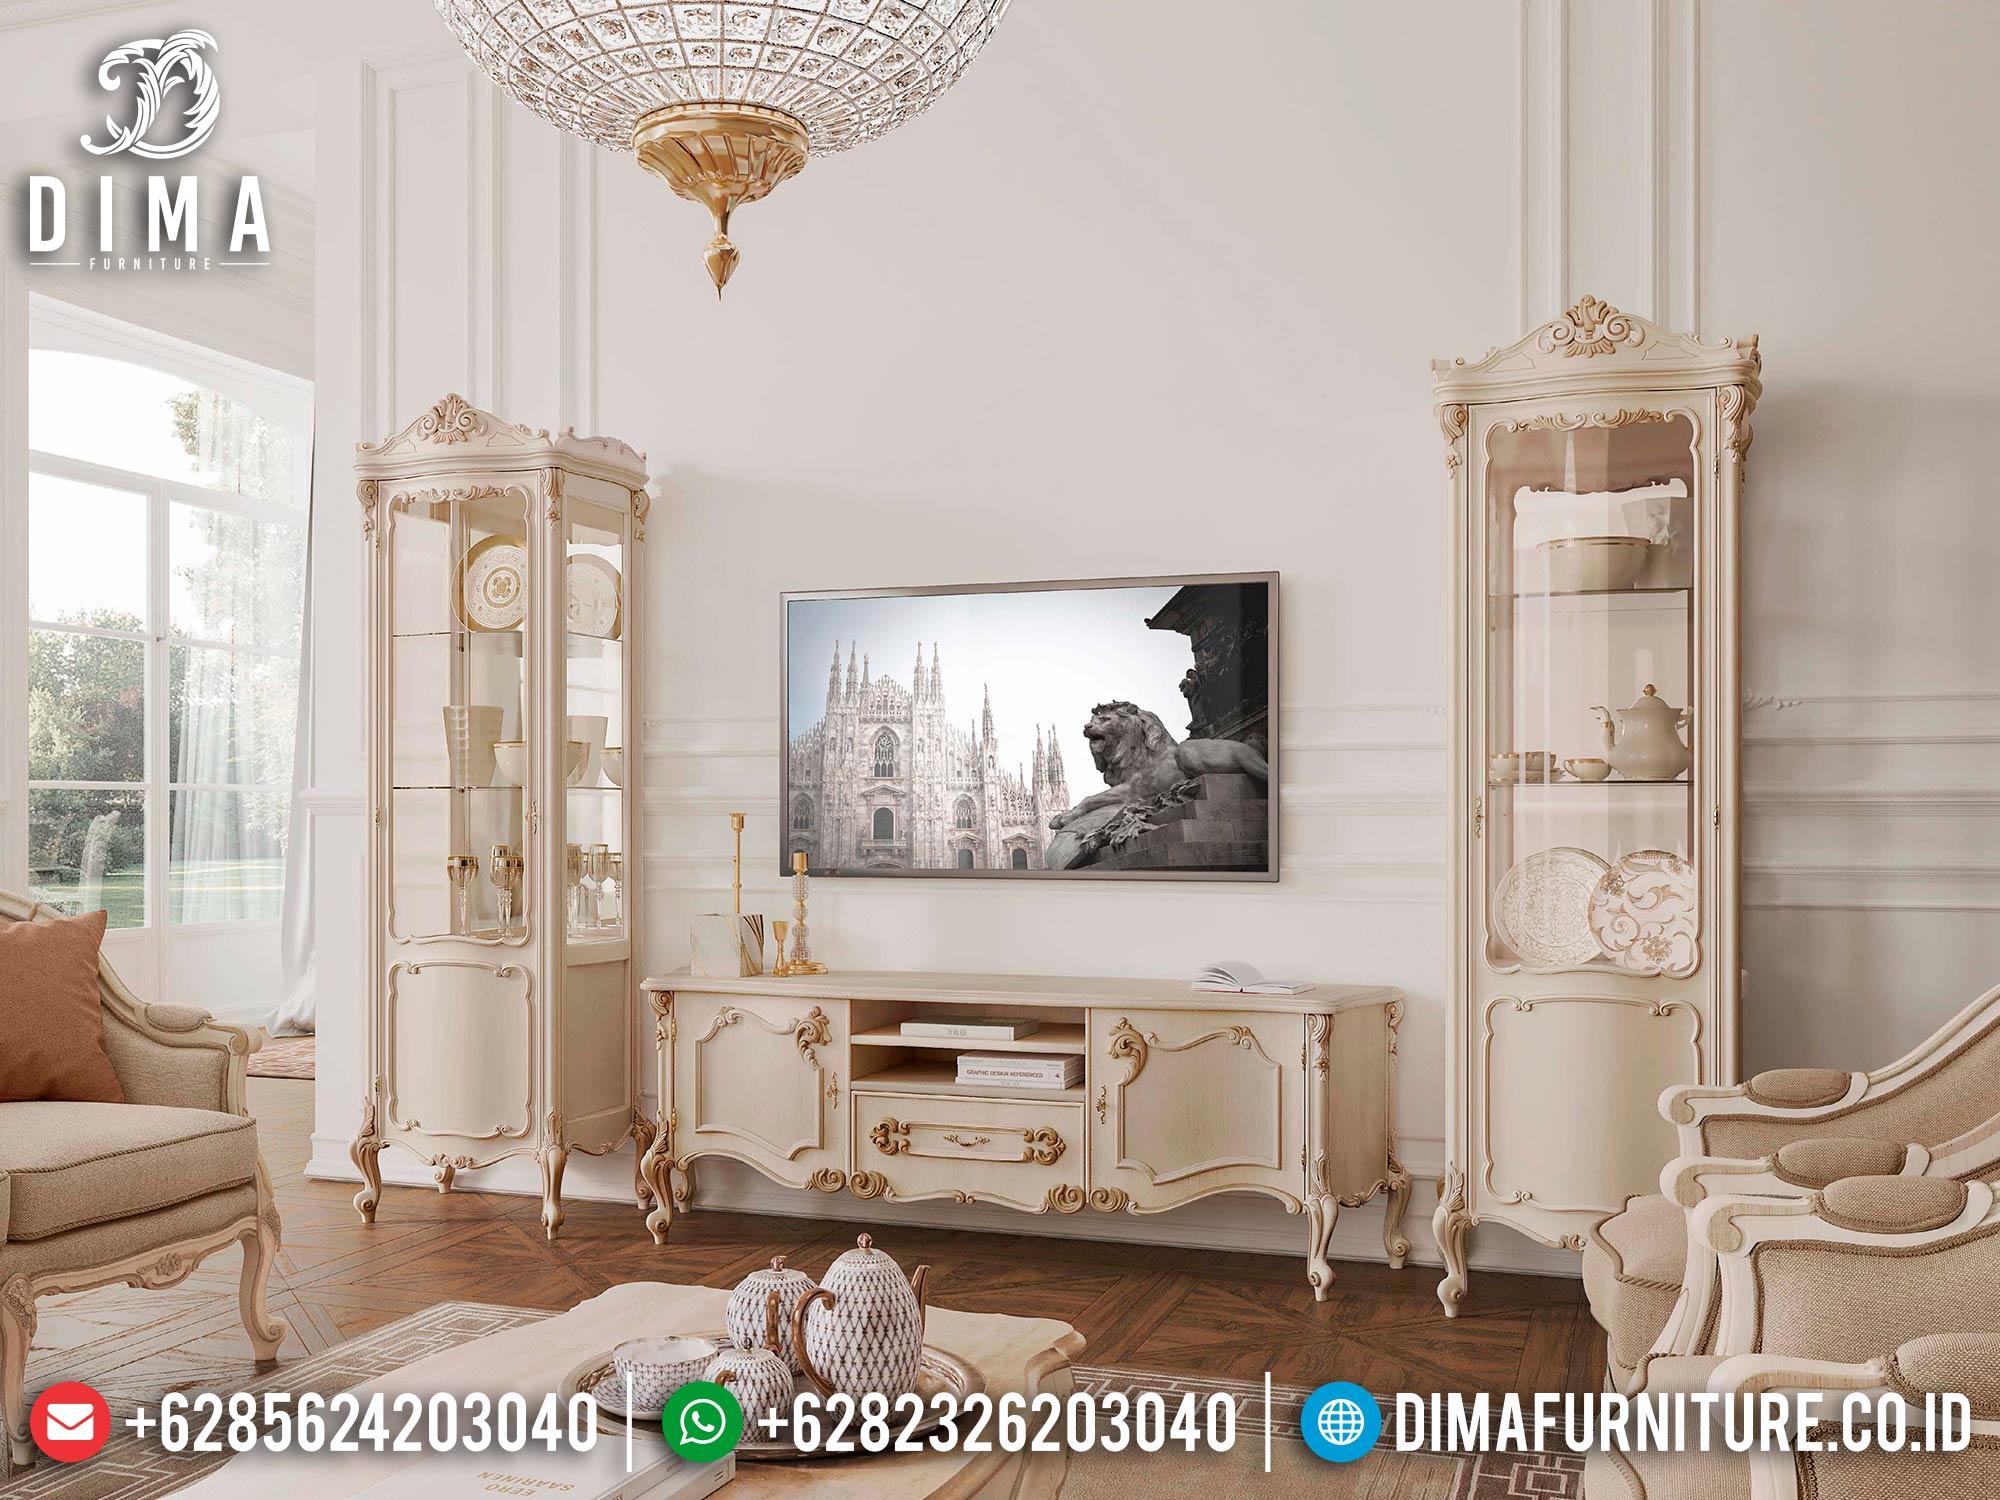 Harga Bufet TV Mewah Ukir Jepara Luxury Design Interior Inspiring ST-1402